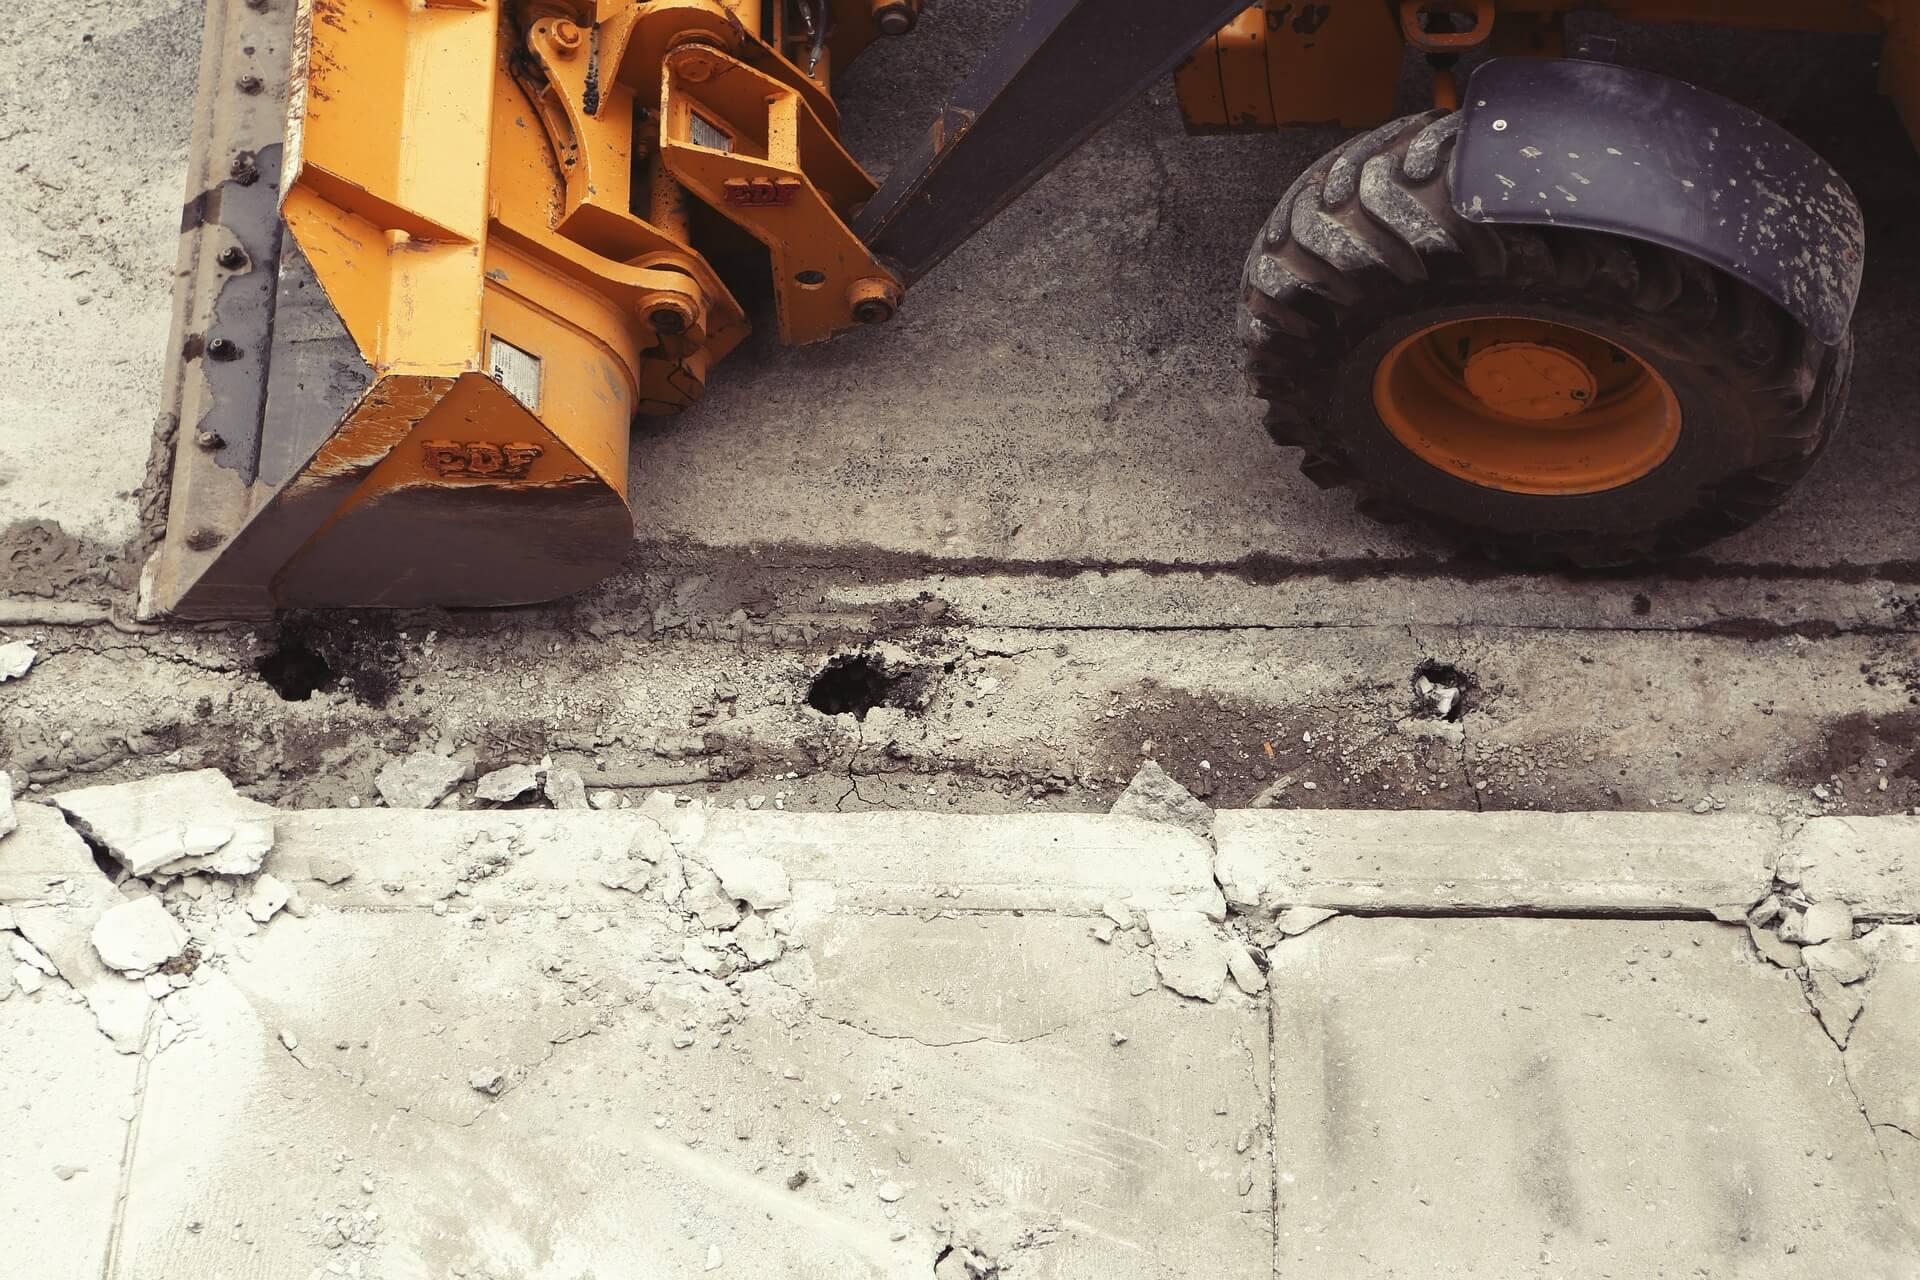 Strašna nesreća na gradilištu kod Ivanić-Grada: Jednog od radnika prignječio pneumatik teretnog vozila